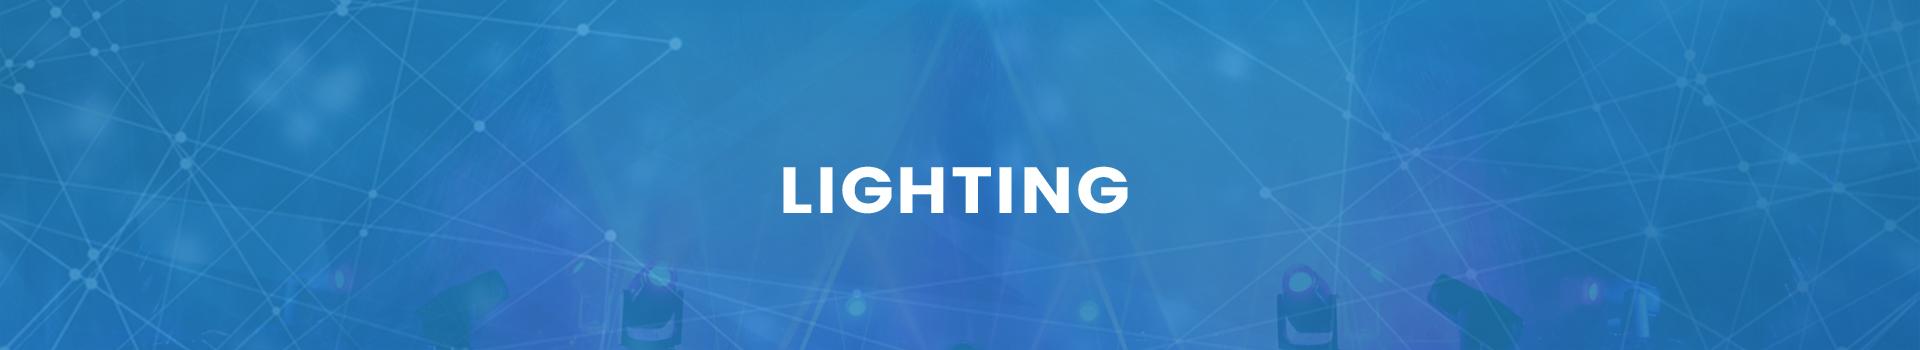 LIGHTING - NMK Electronics